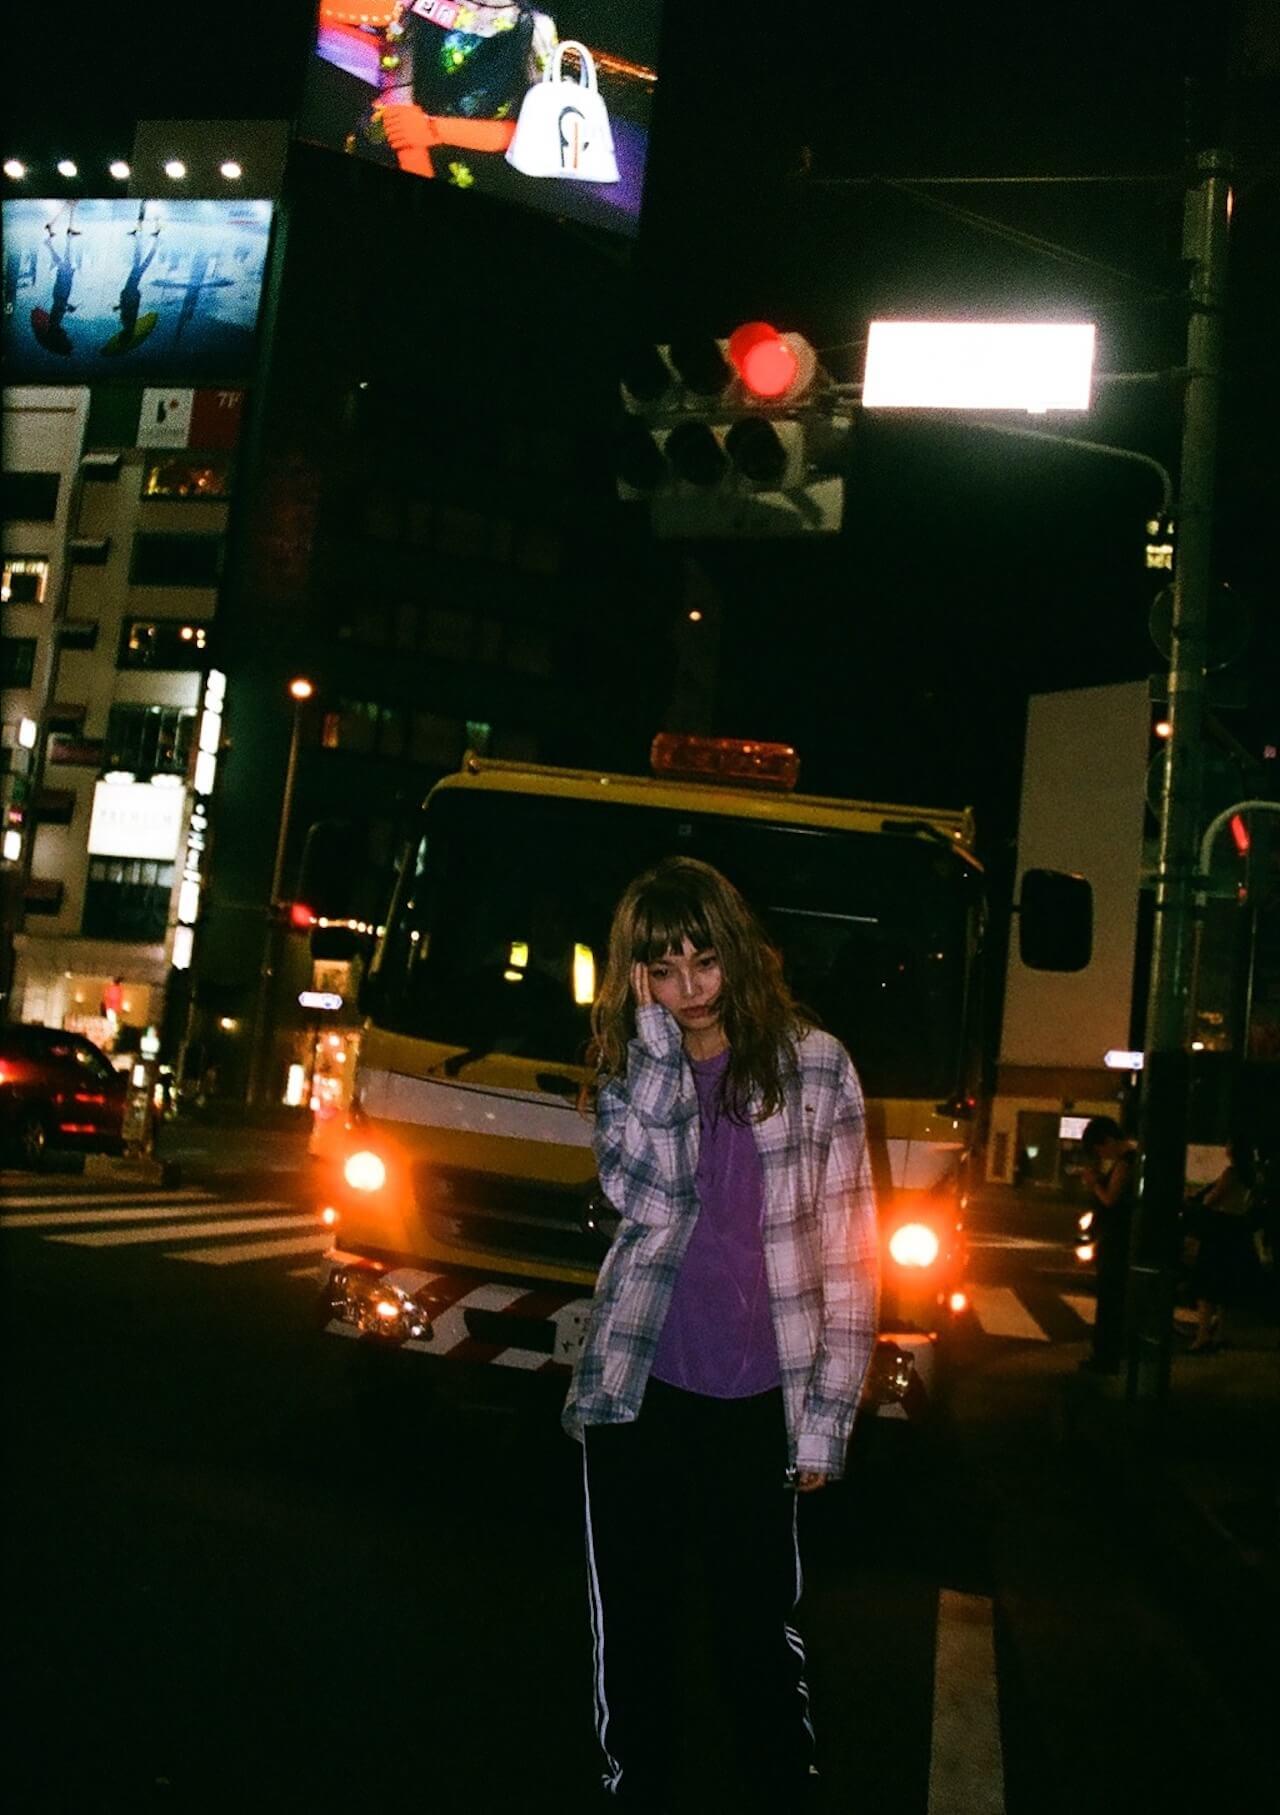 どうも東京の人にはなれなかったらしい|「3プラス3」 column180913-rarara-5